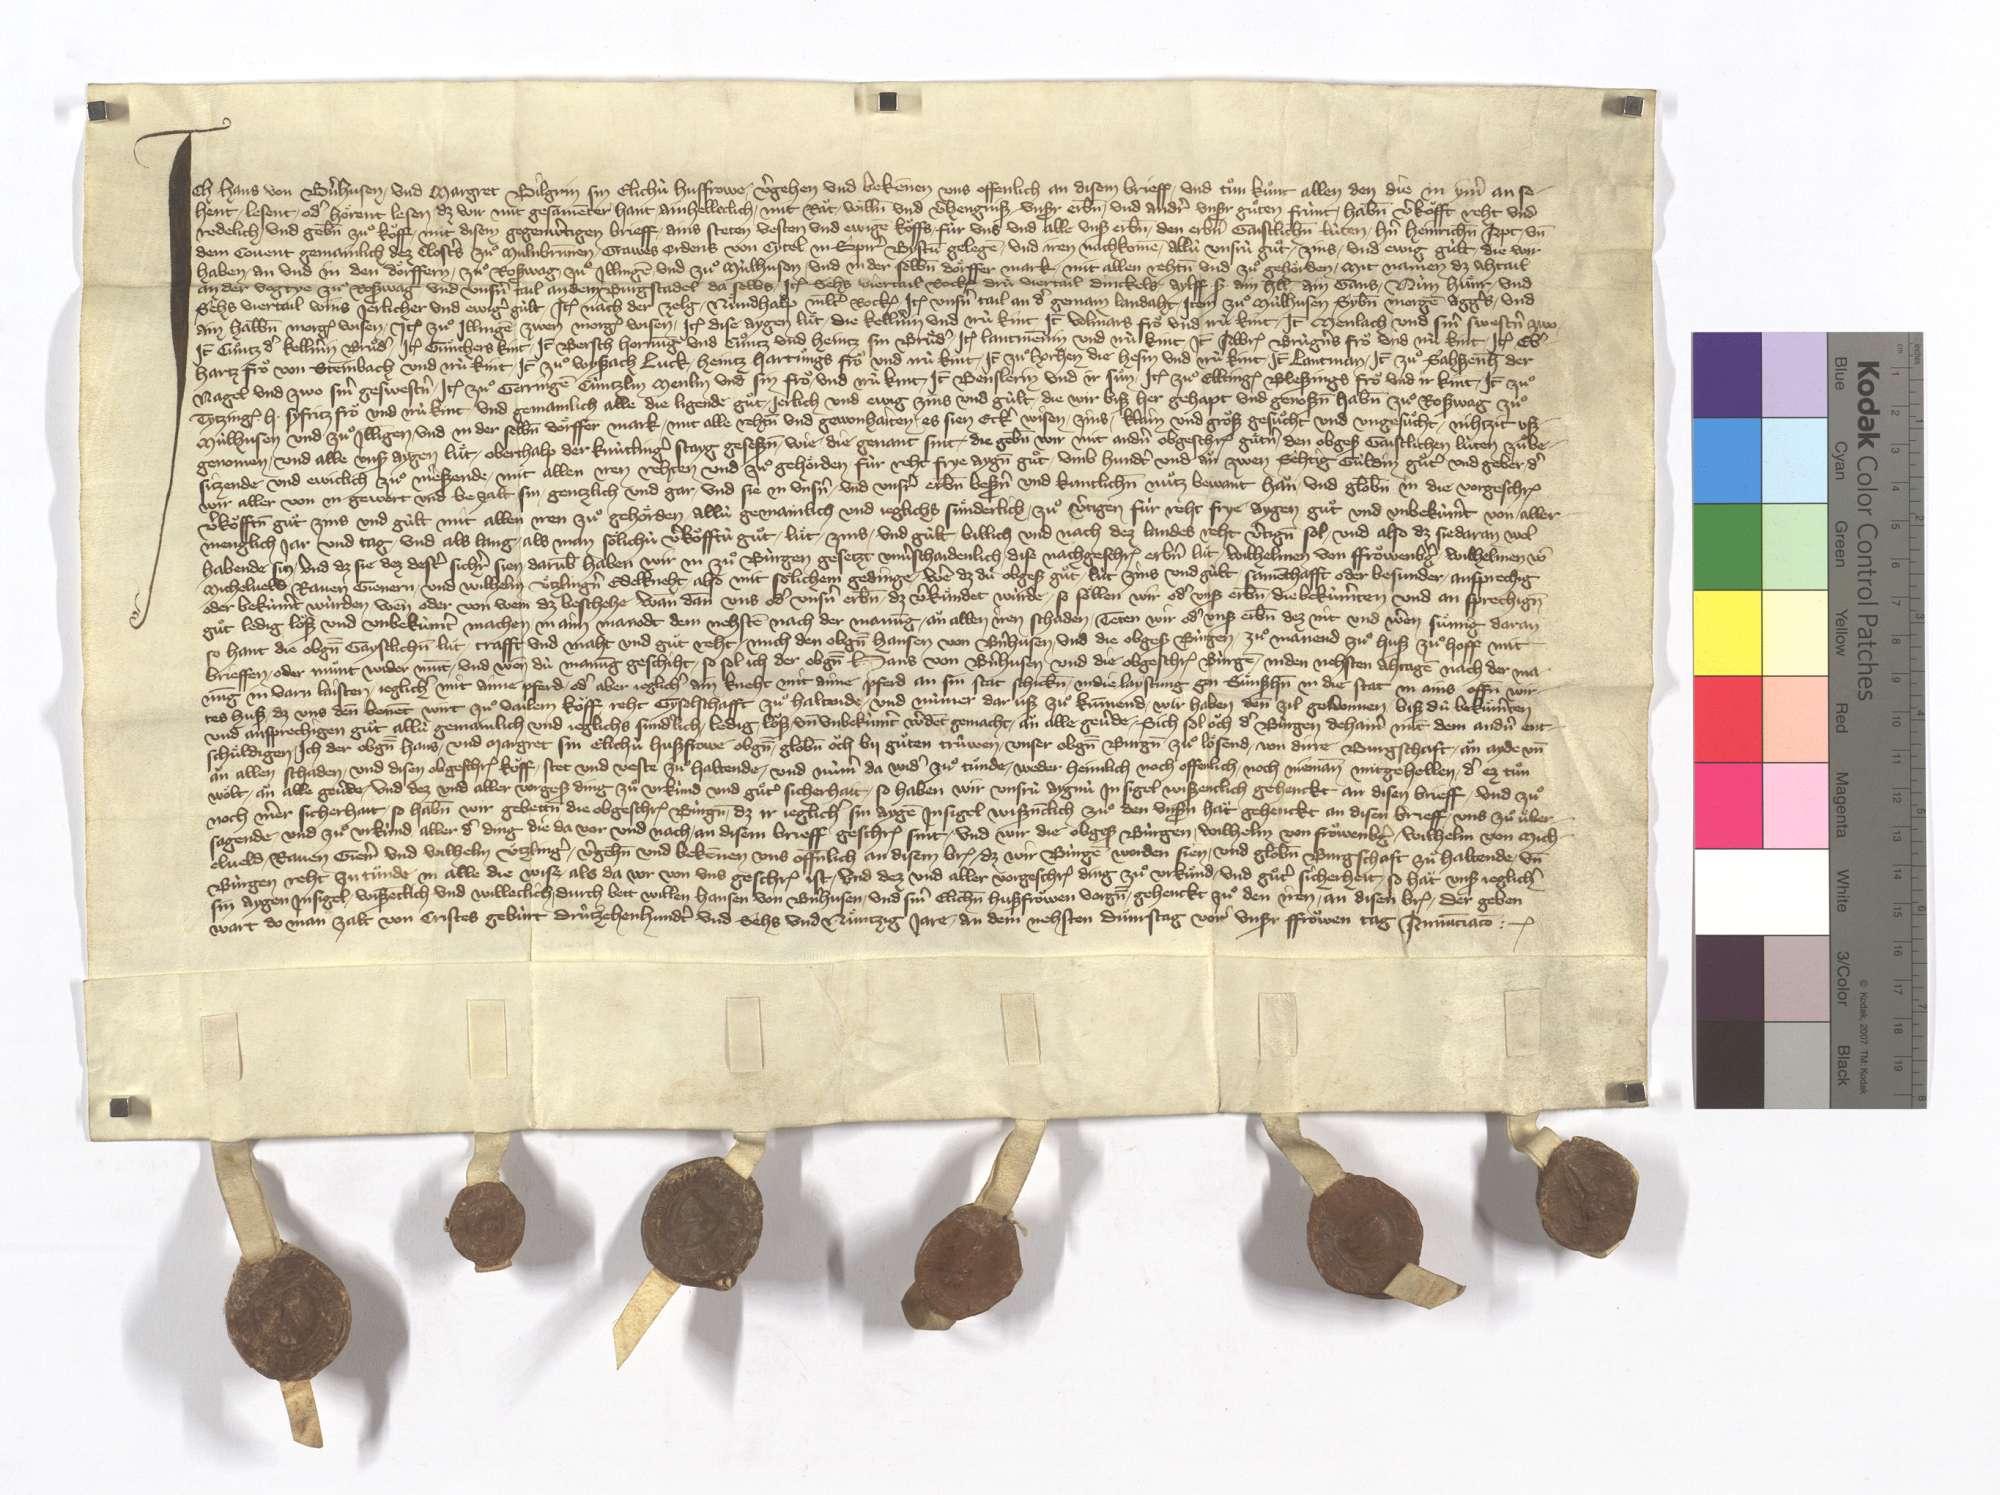 Hans von Bernhausen verkauft dem Kloster Maulbronn seine Gerechtsame, Zins und Gülten sowie einige Leute in Illingen, Roßwag, Mühlhausen (Mülhausen) und ob der Knittlinger Steige (Staig)., Text